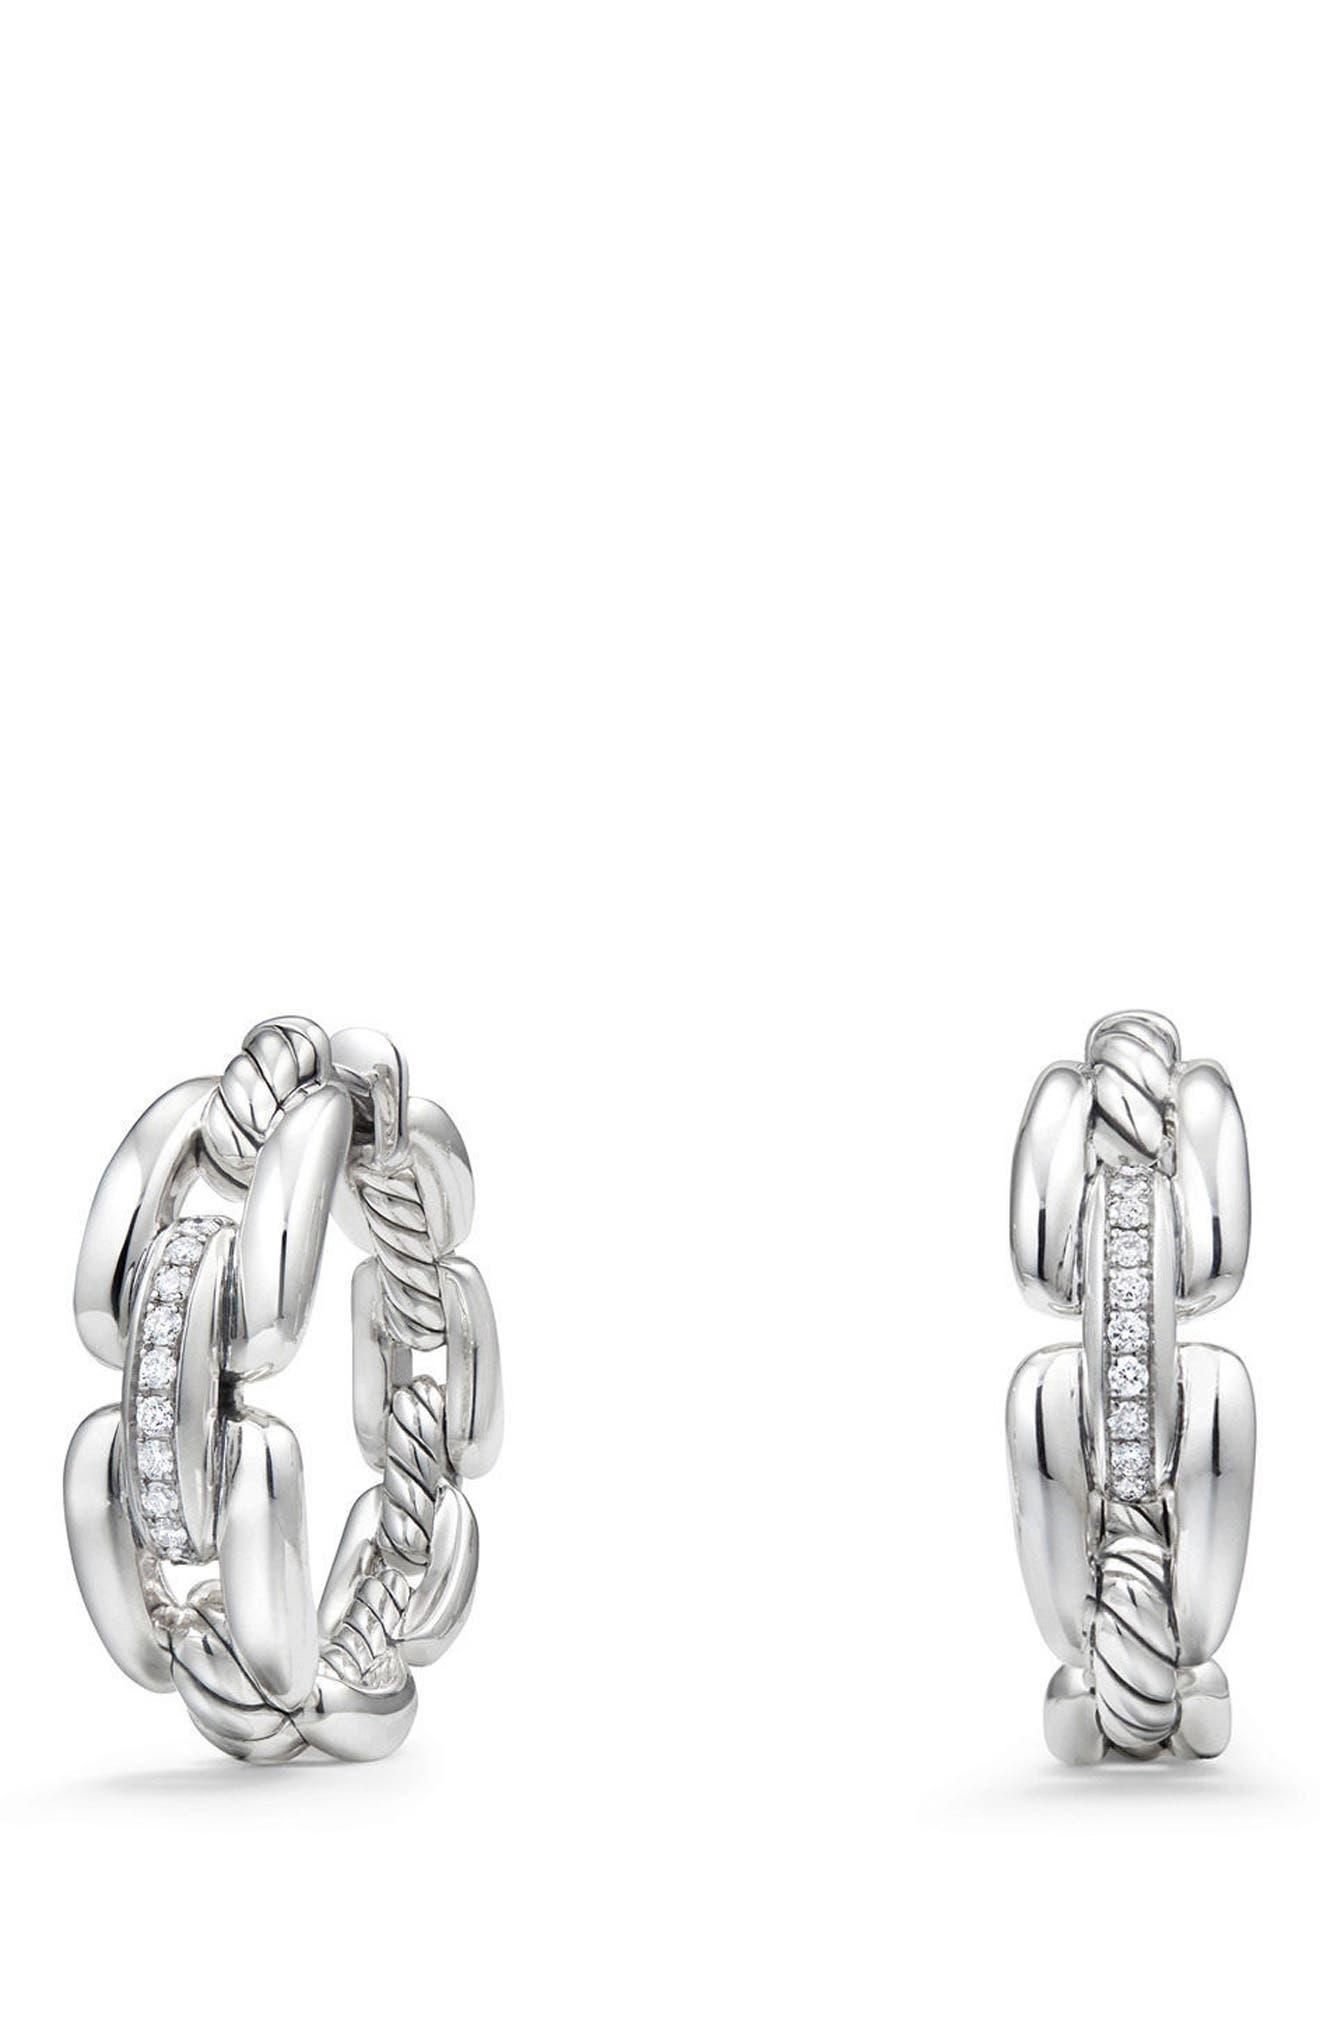 Wellesley Link Hoop Earrings with Diamonds, 23mm,                         Main,                         color, SILVER